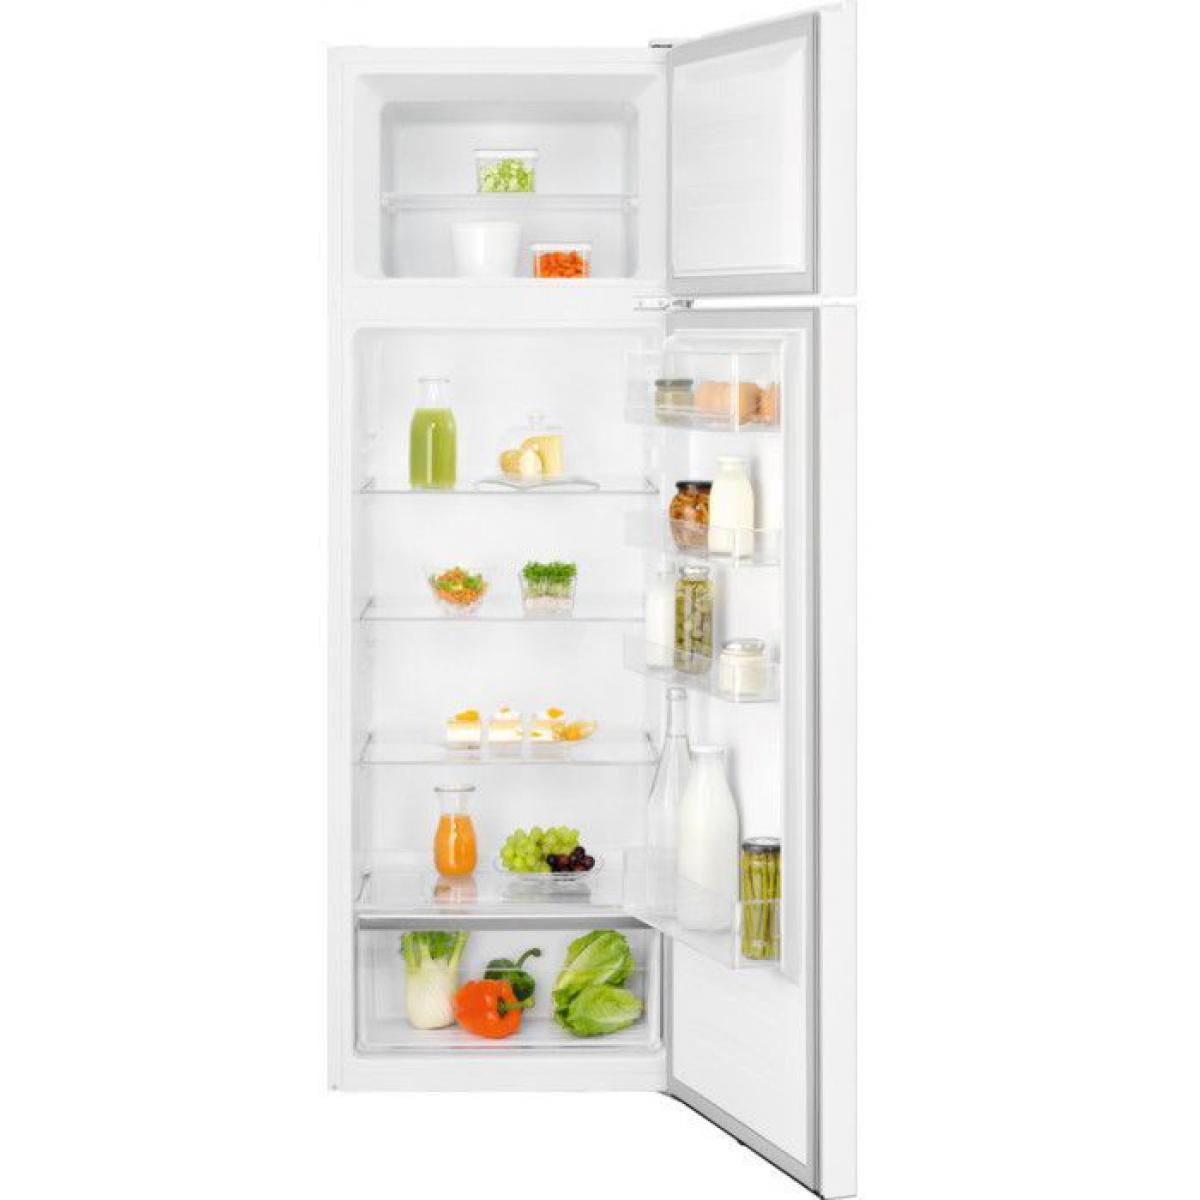 Electrolux Réfrigérateur 2 portes 201L Froid Statique ELECTROLUX 55cm A+, LTB 1 AF 28 W 0